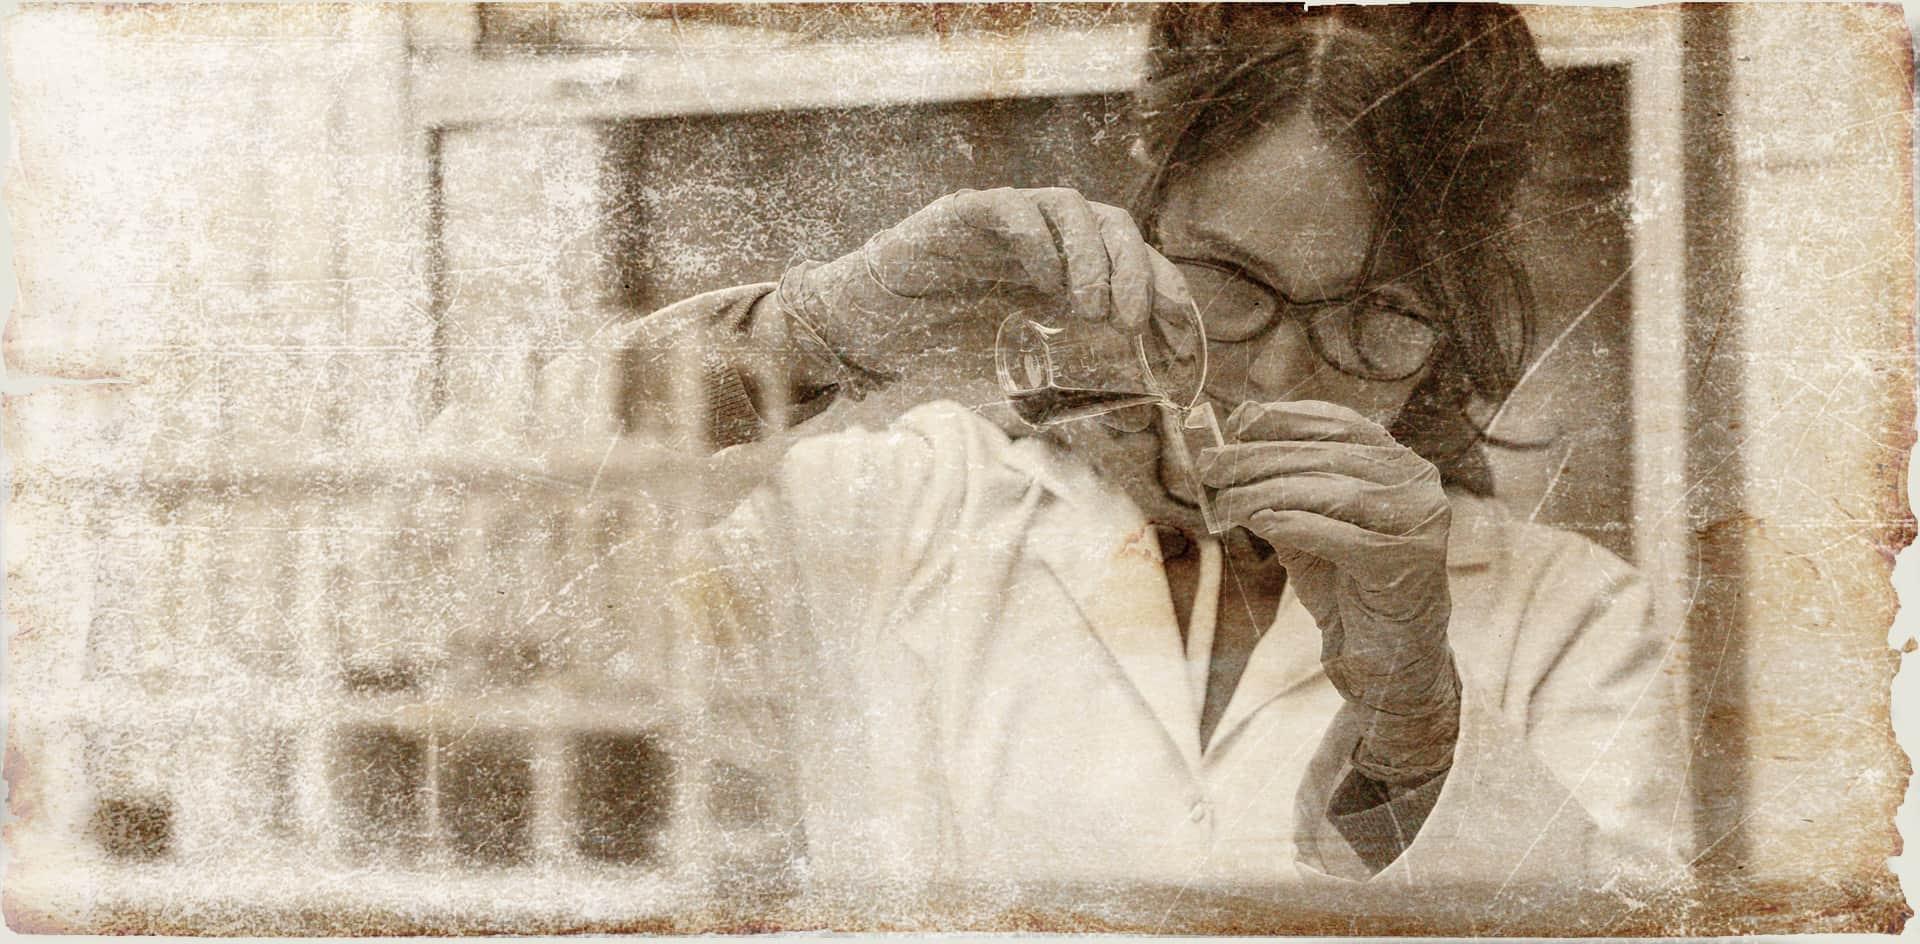 Cinco modos en que se ocultó la contribución de las mujeres al conocimiento científico